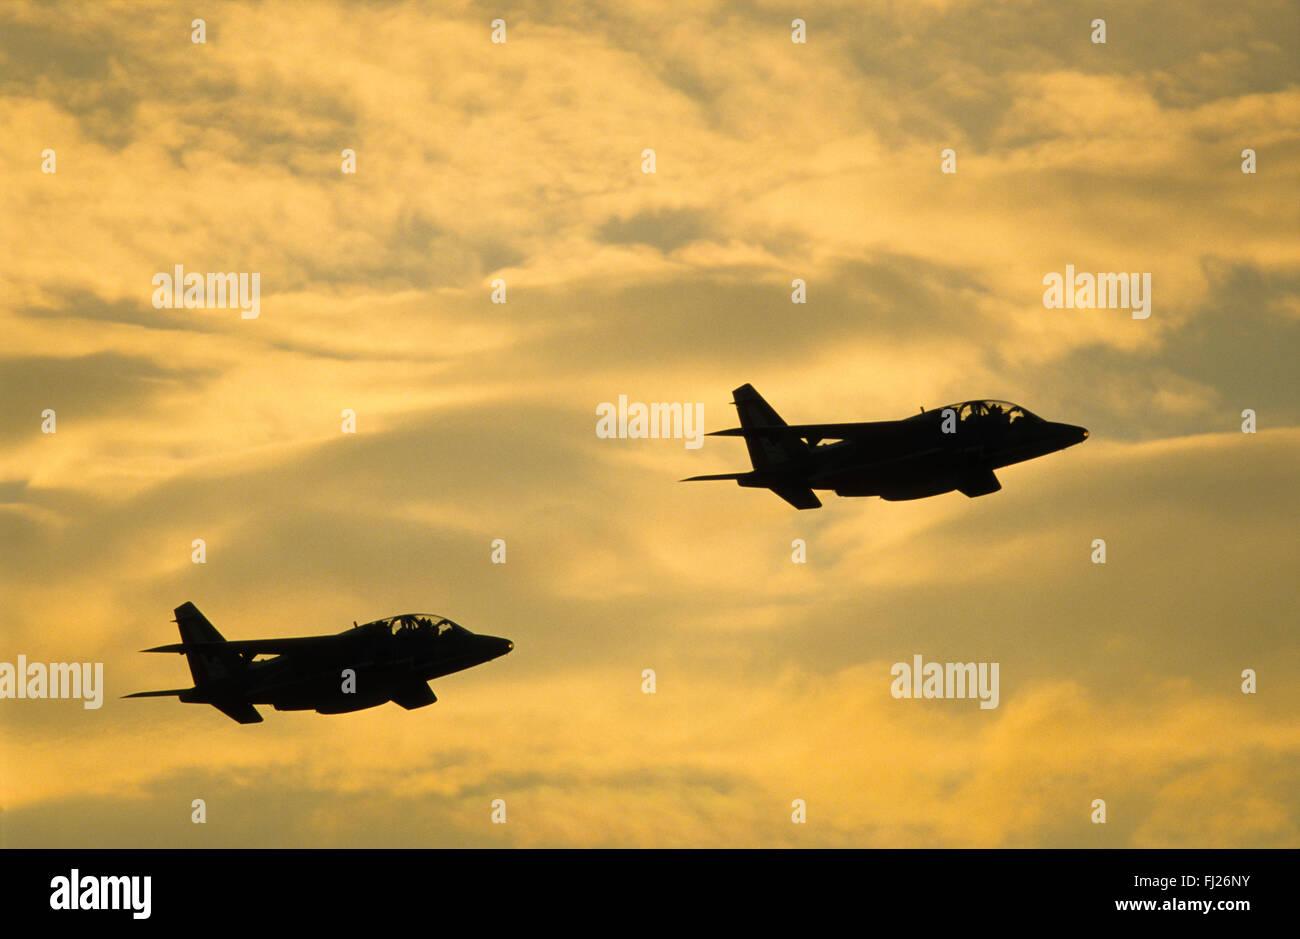 Autriche, Styrie, base aerienne de Zeltweg, La Patrouille de France, Alpha Jet durant un meeting aerien au coucher - Stock Image